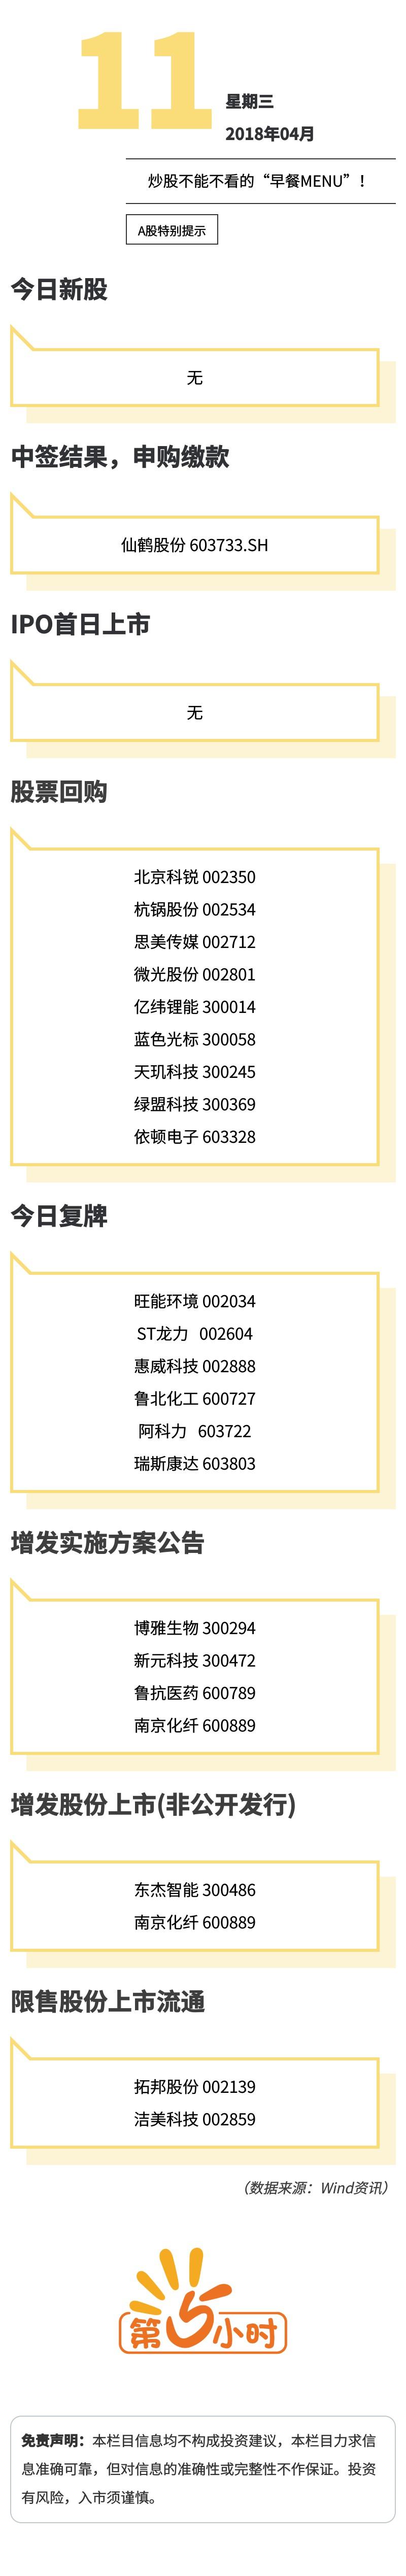 A股特别提示(2018-04-11).jpg